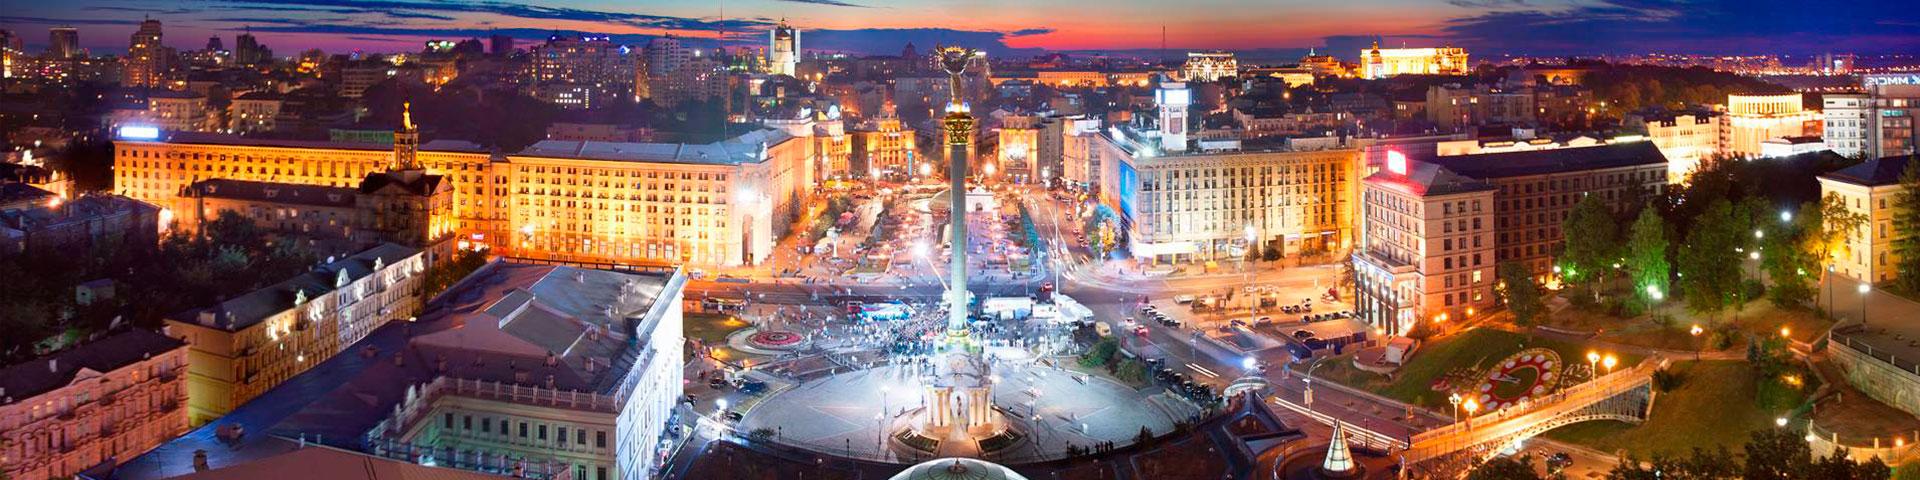 Продвижение сайта в Киеве